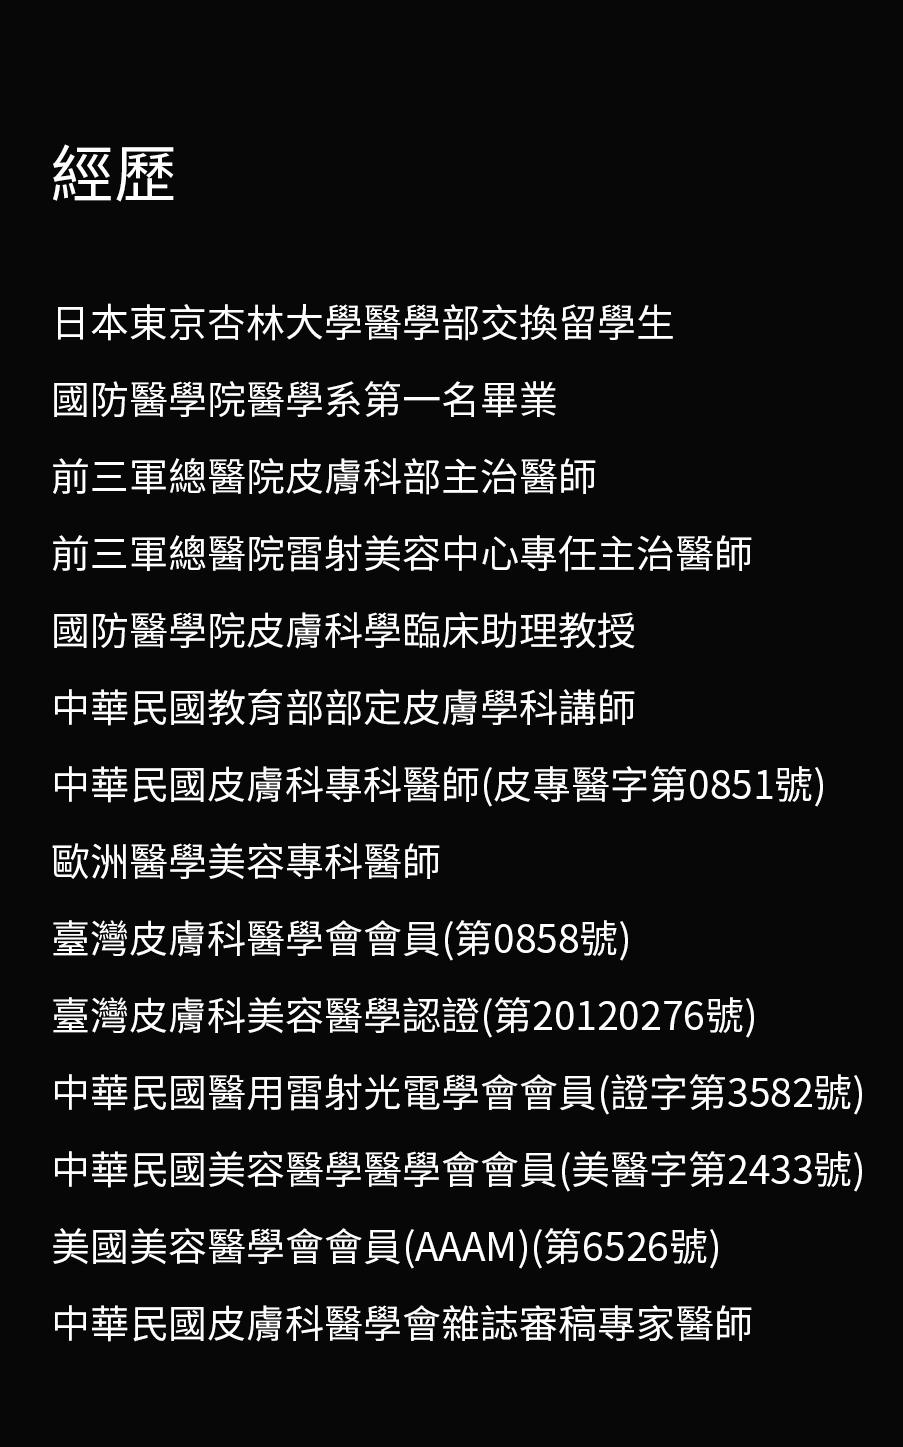 陳振豐-01